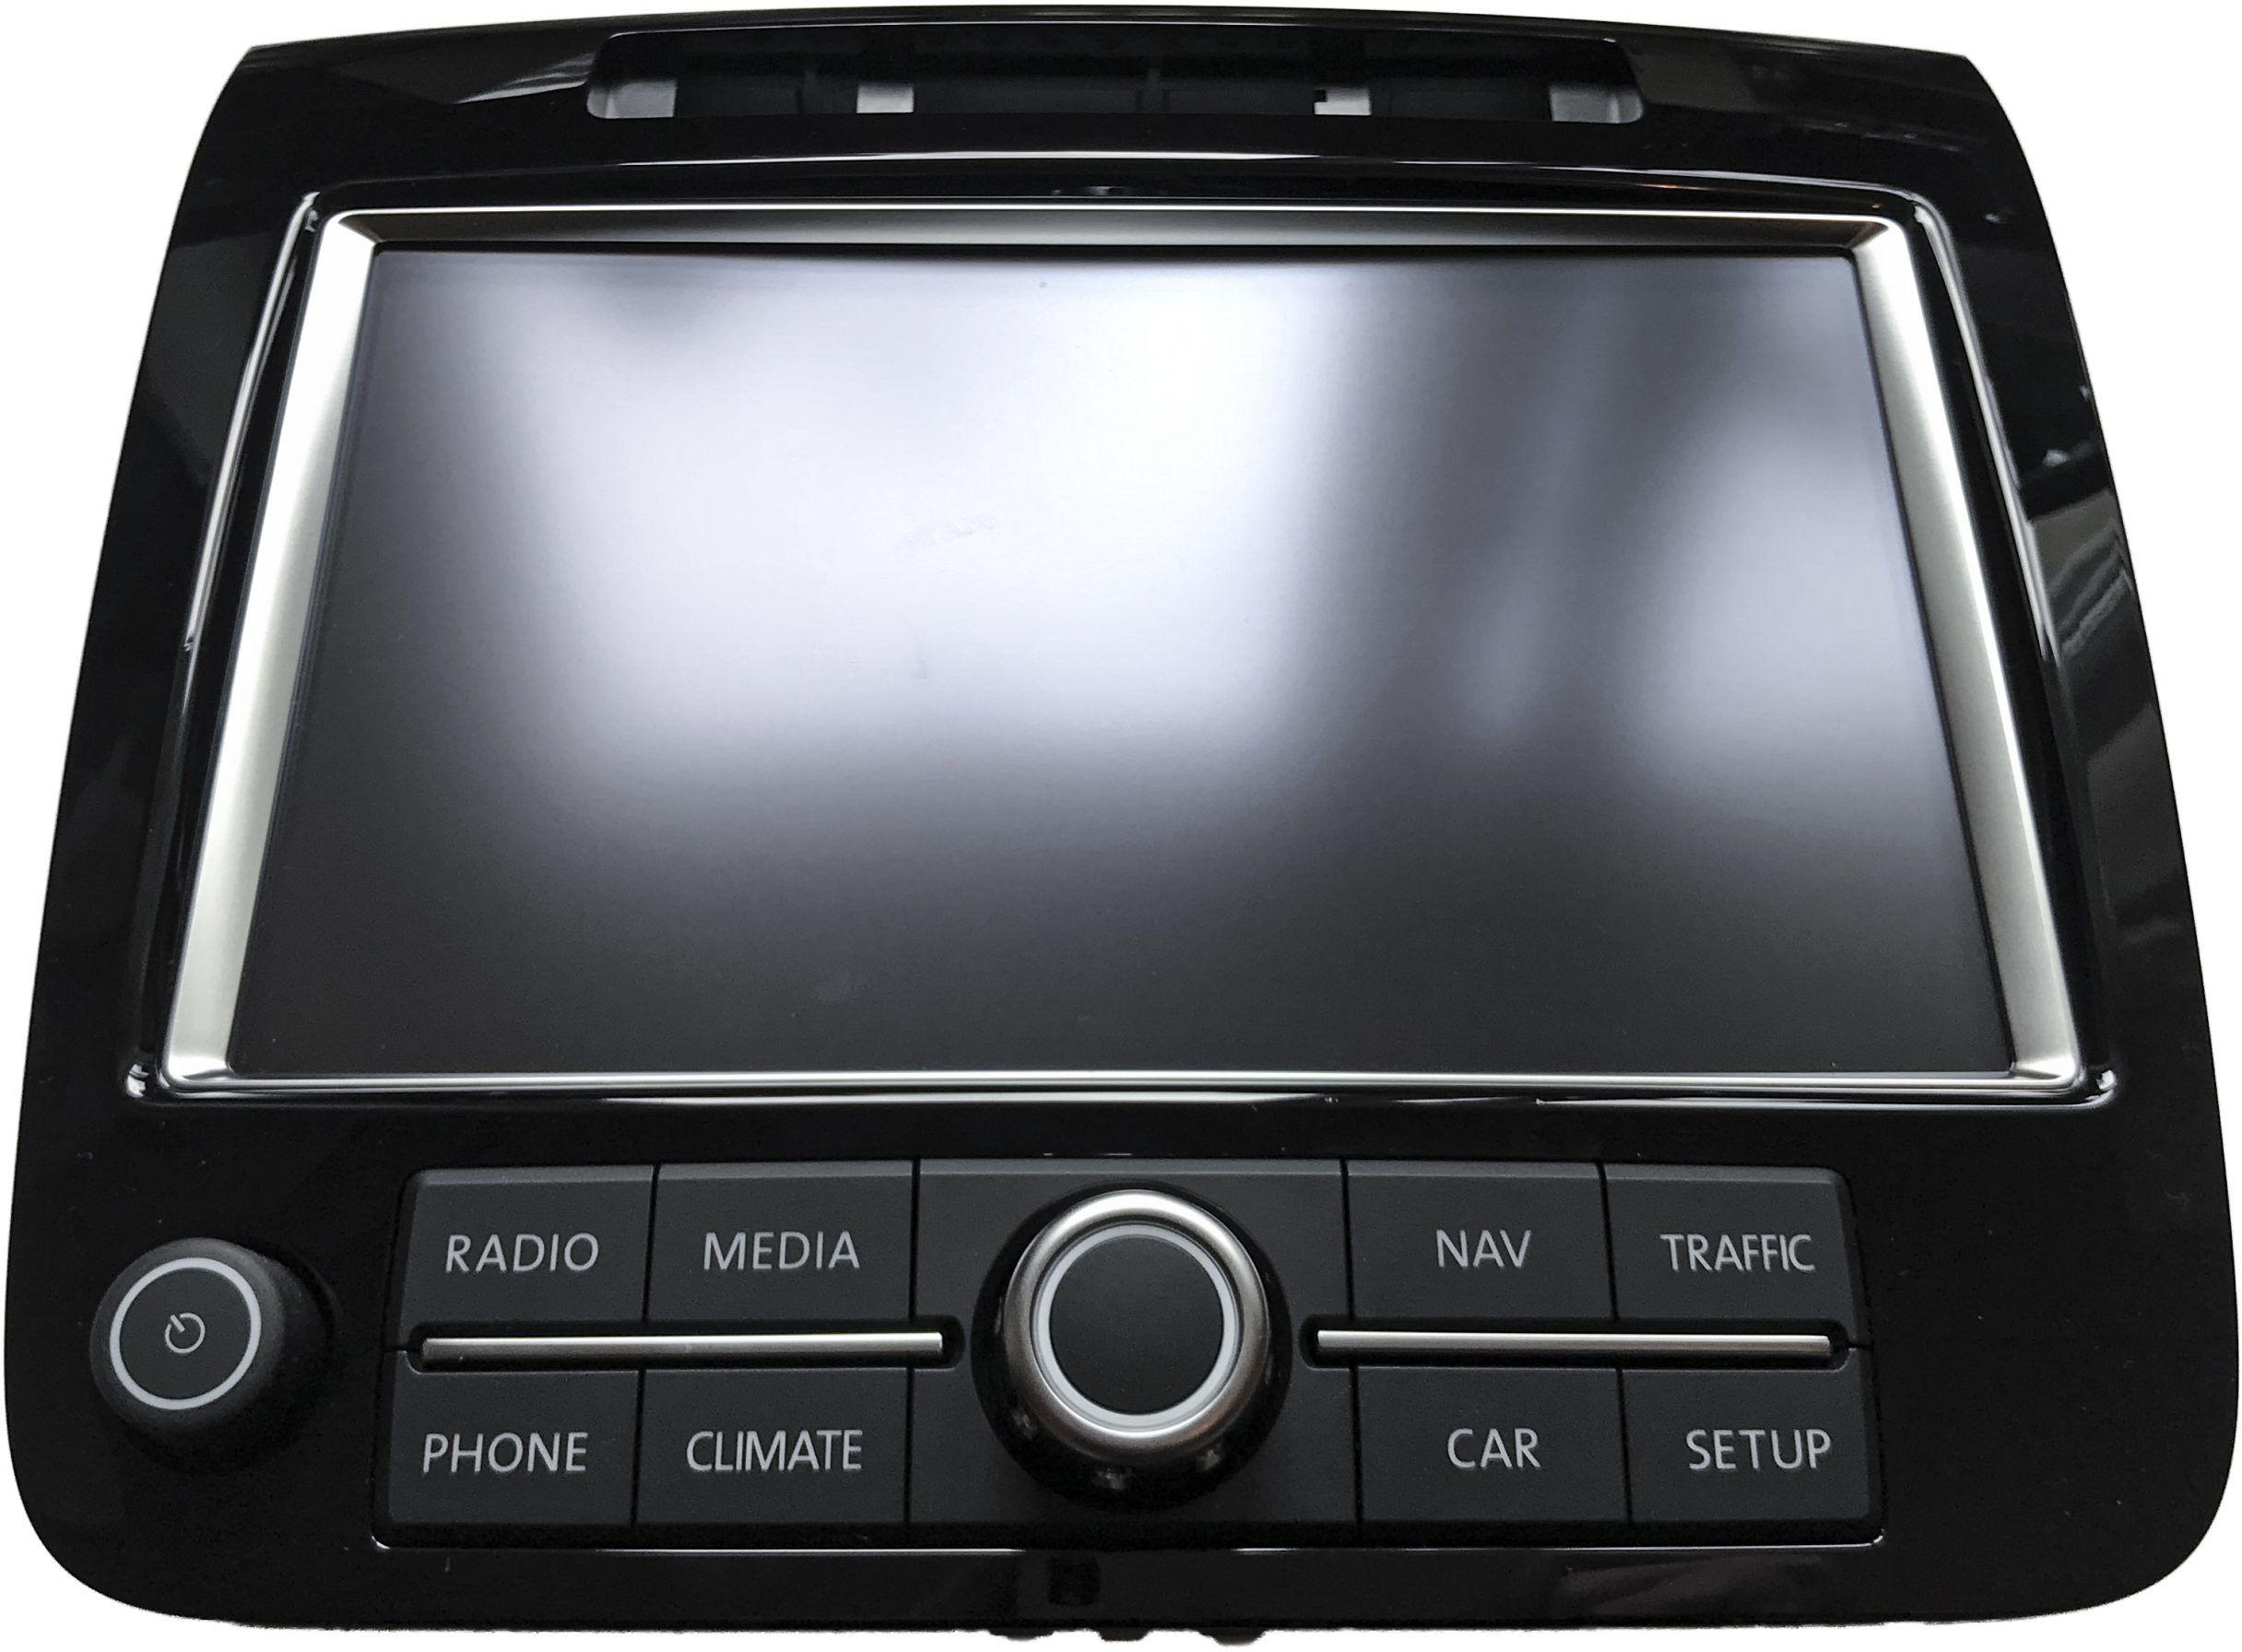 Nowy Oryginalny Monitor Nawigacji LCD Navi MMI Display Touch ALPINE VW TOUAREG 2011-2014 7P 7P6919603